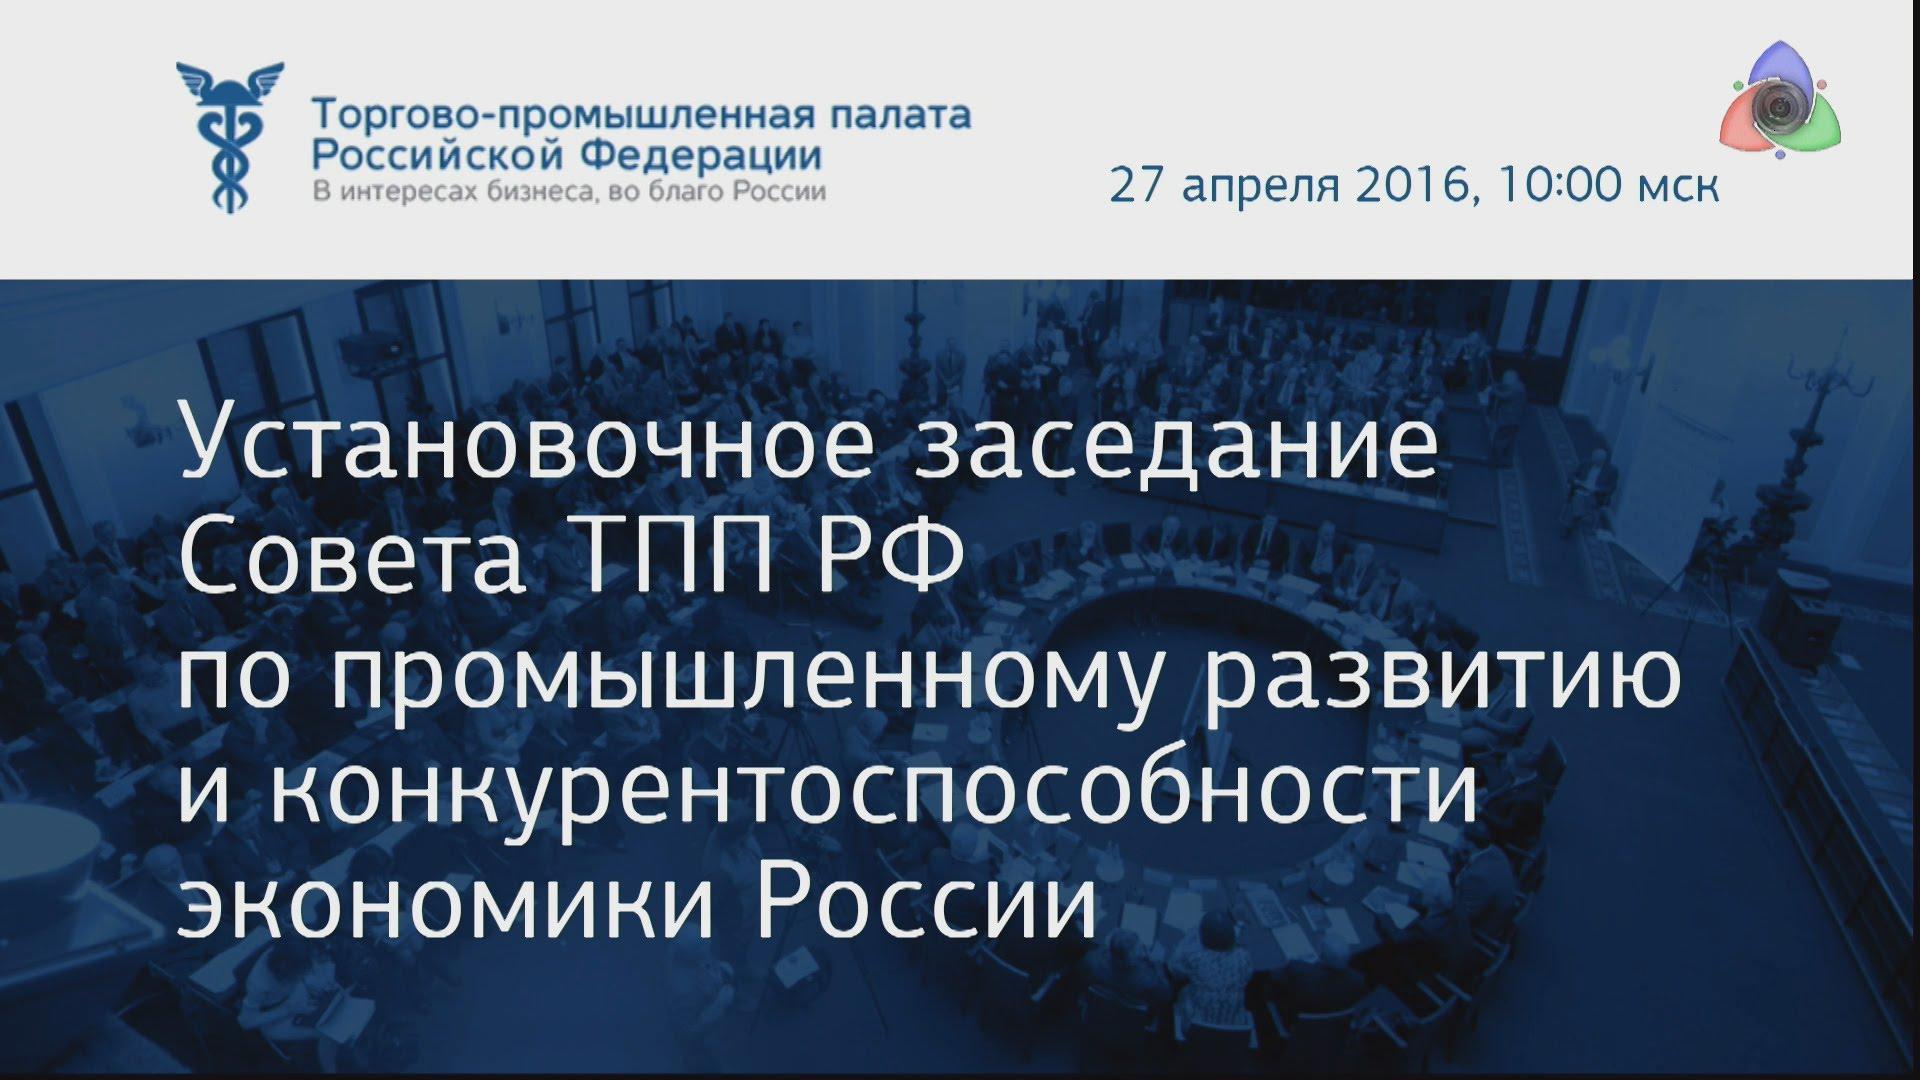 Запись прямой трансляции из ТПП РФ 27 апреля 2016г.